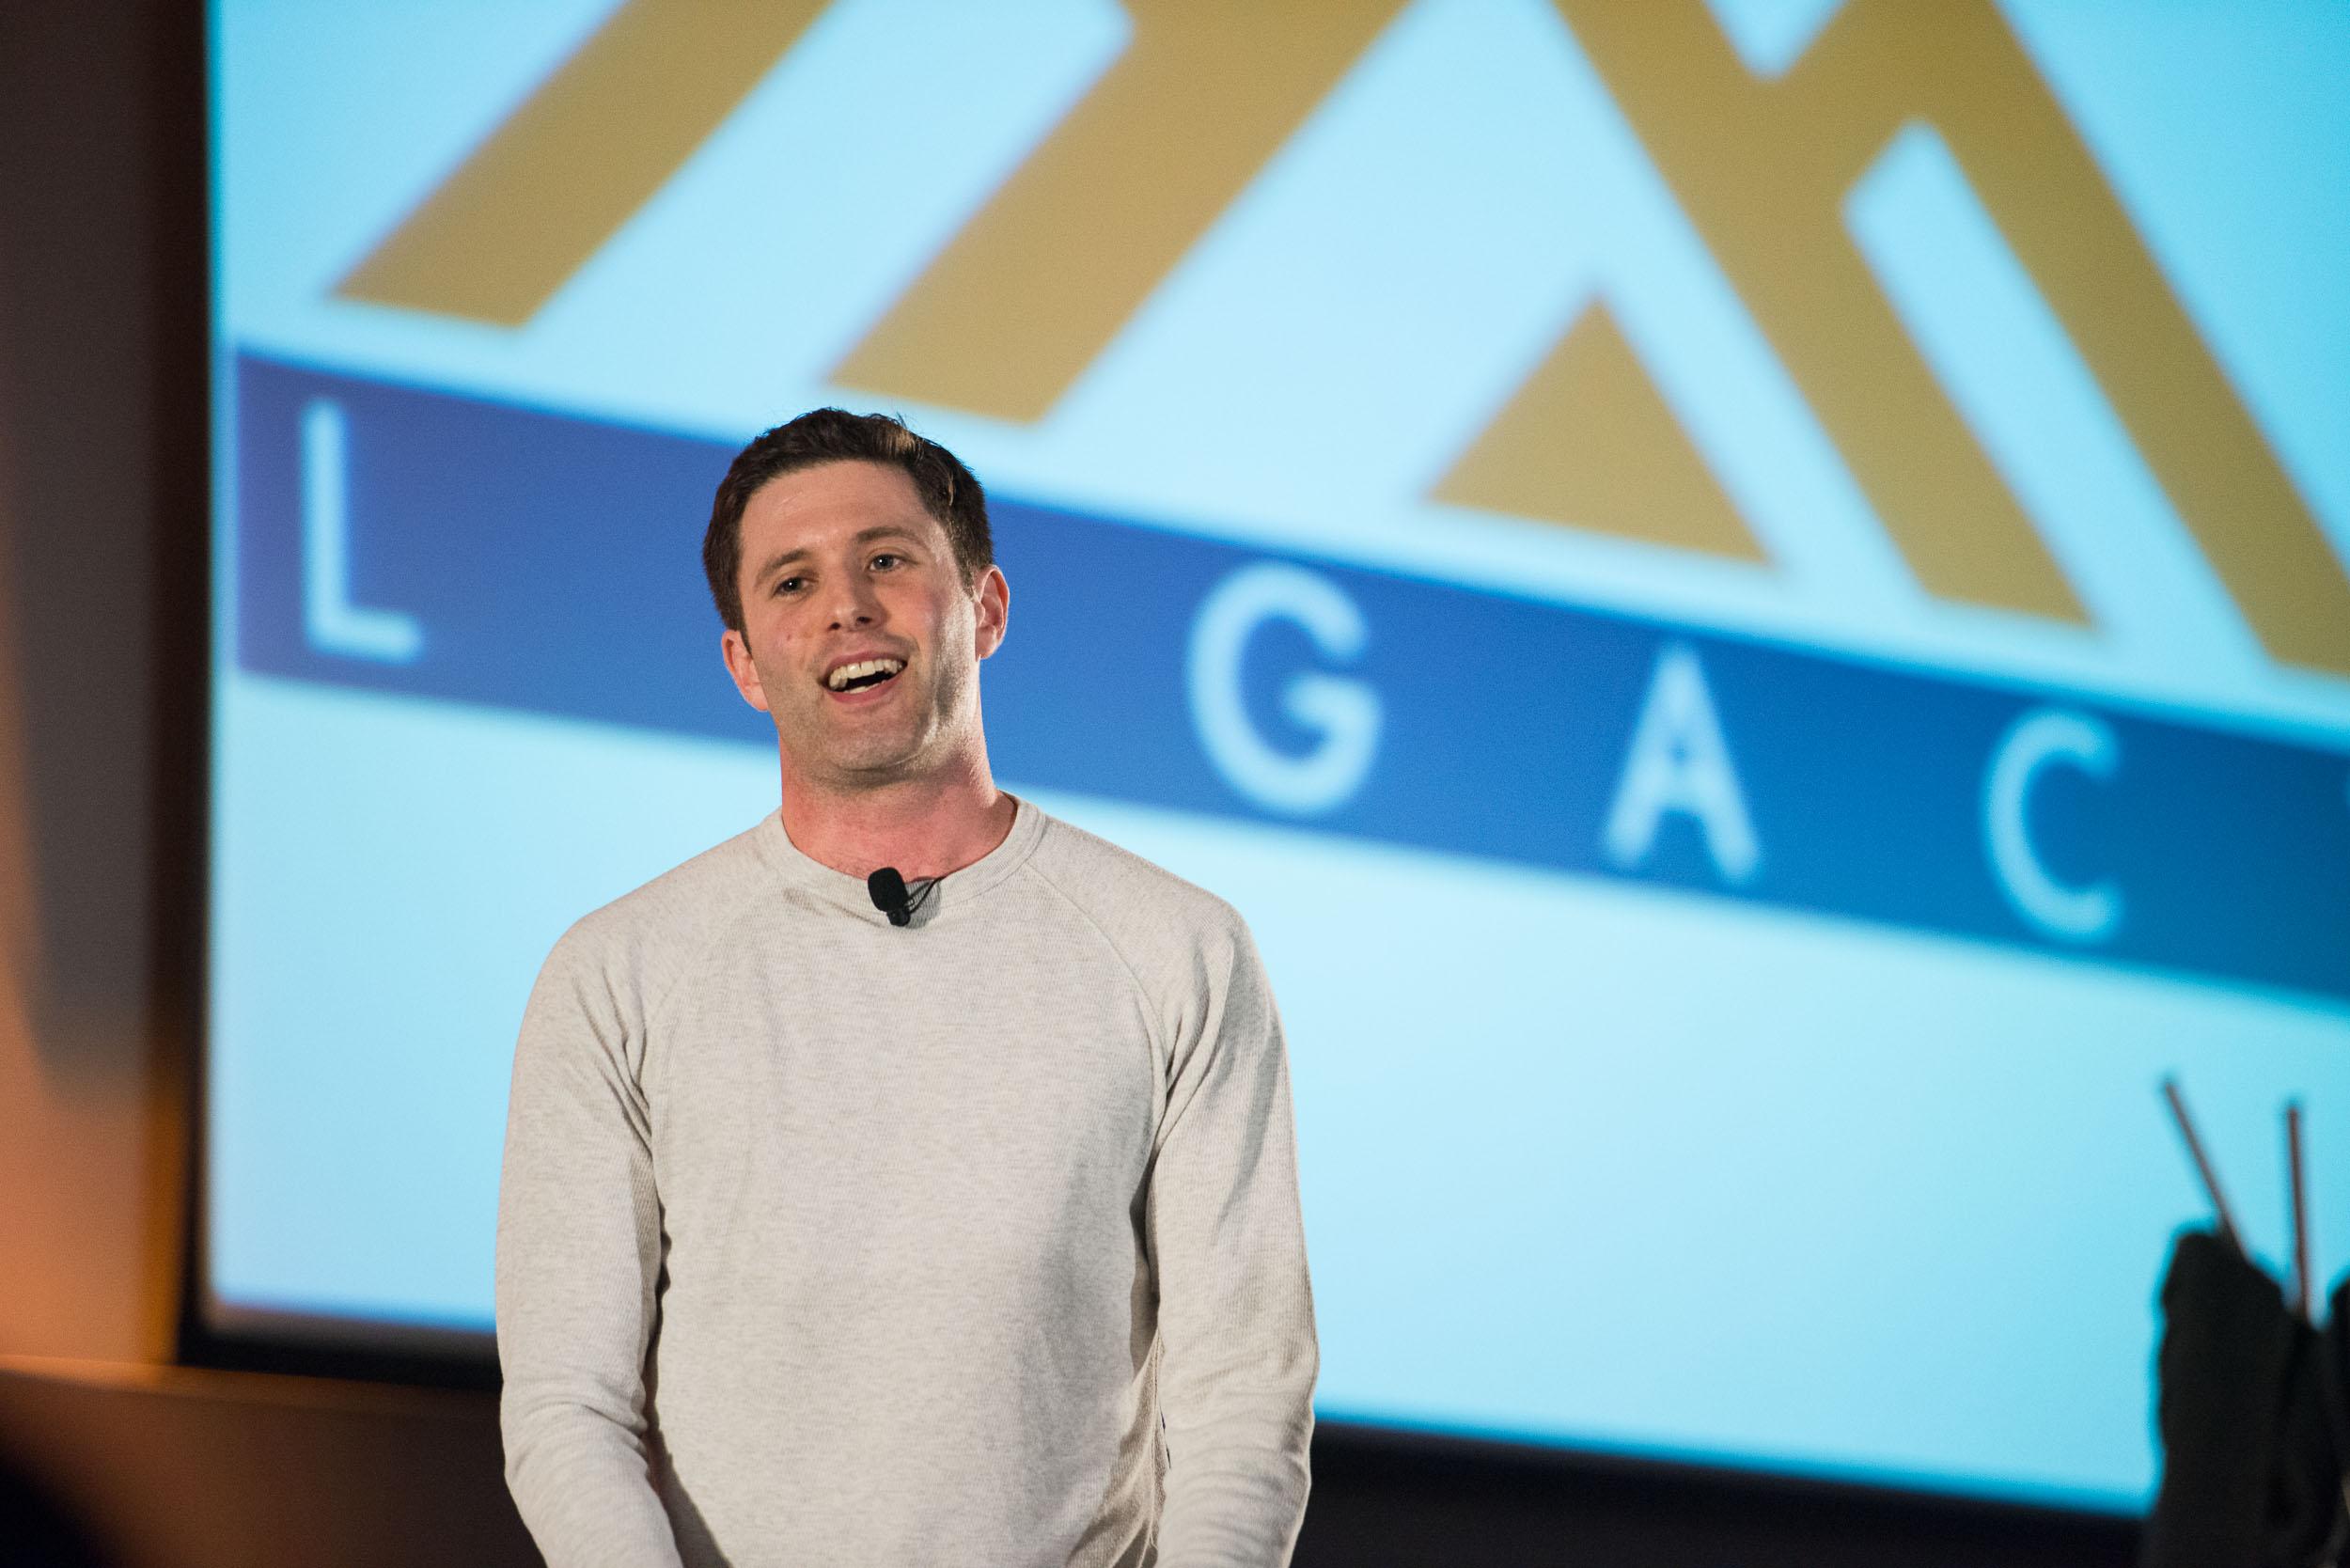 David Segal | Co-Founder DAVIDsTea